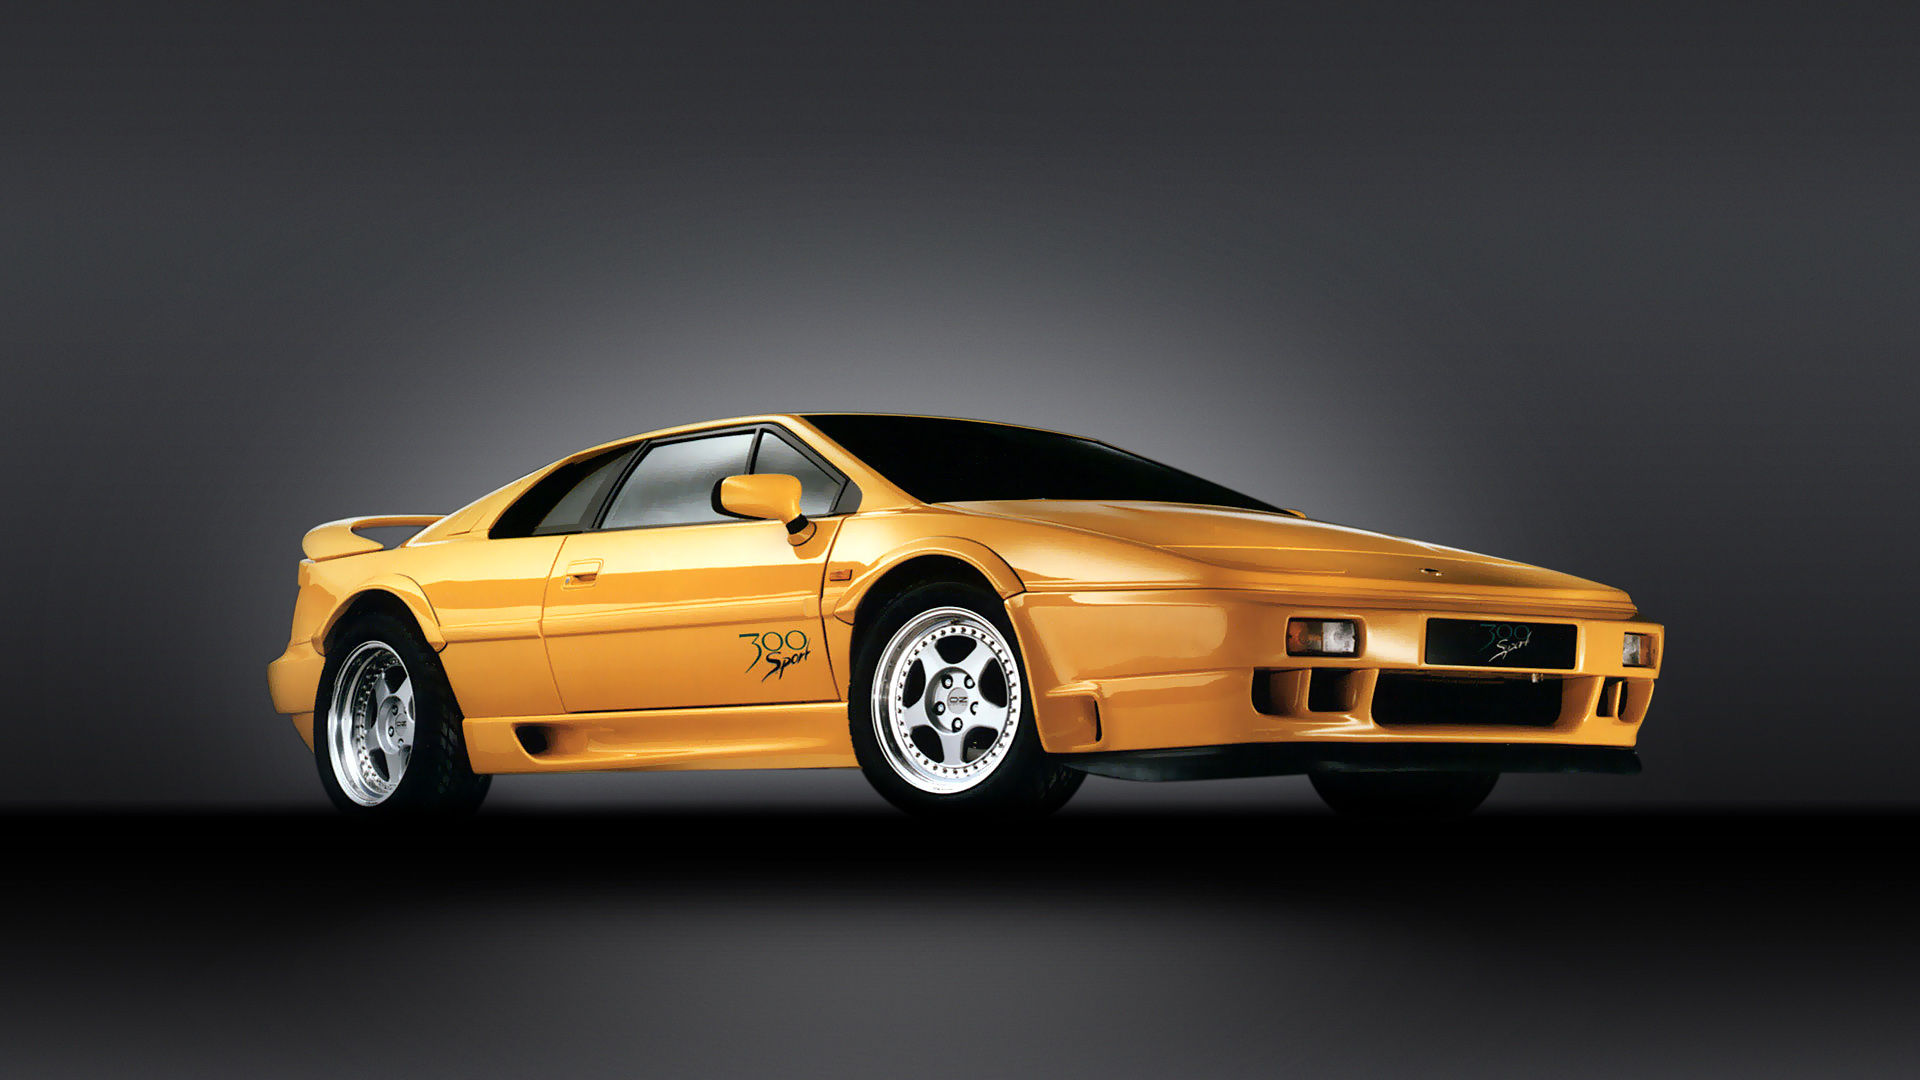 1993 Lotus Esprit Sport 300